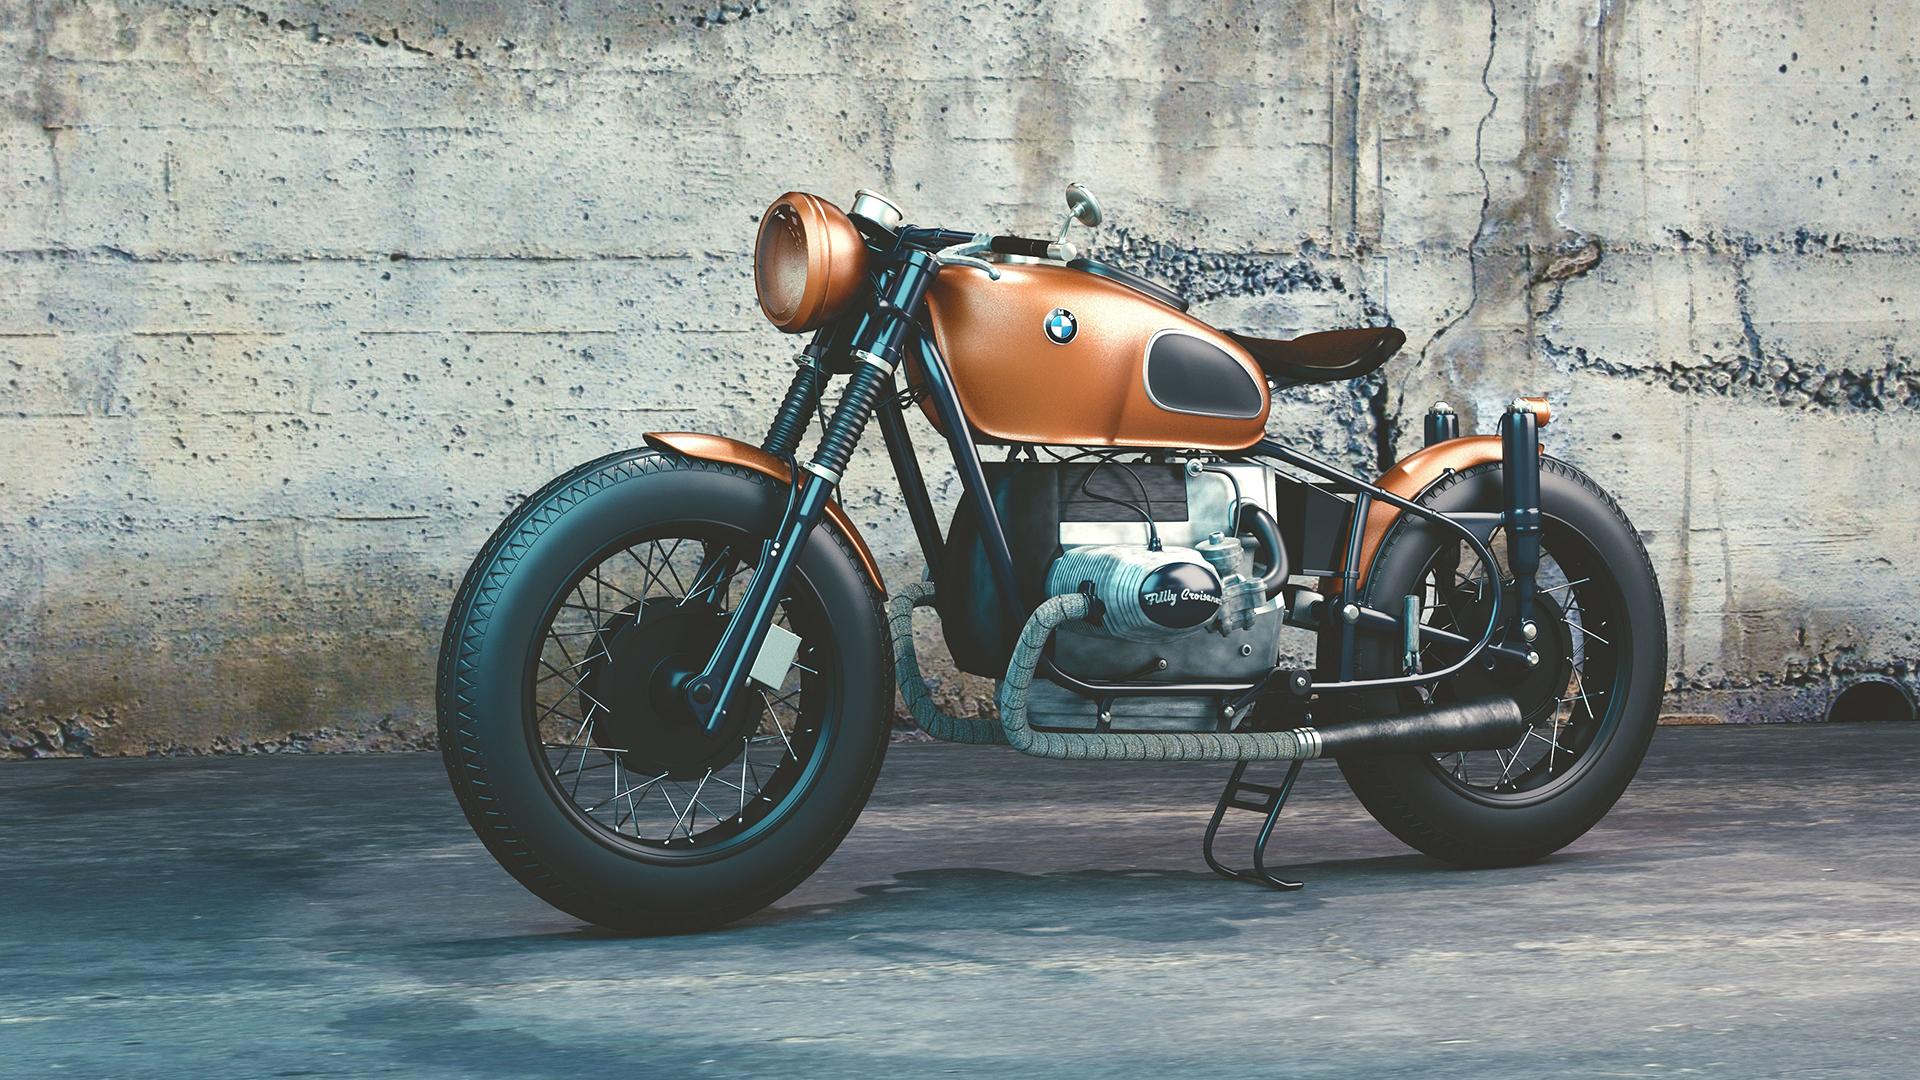 10 najdroższych motocykli na świecie